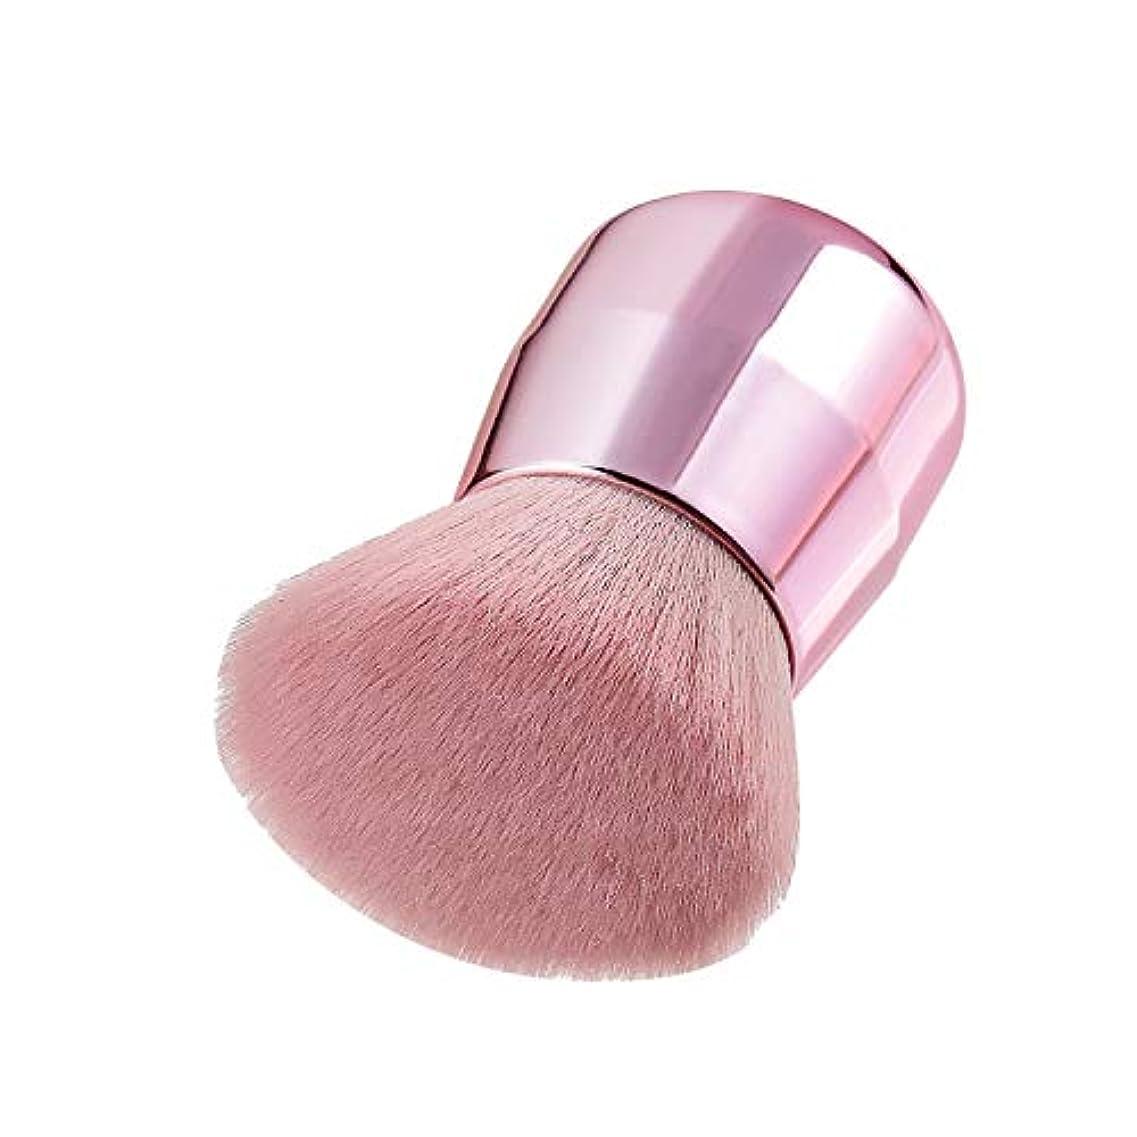 連合はっきりしない好みMakeup brushes ピンクのティルティングパウダーブラシポータブル著名な化粧ブラシハニーパウダーブラシブラッシュブラシ suits (Color : Rose Gold)